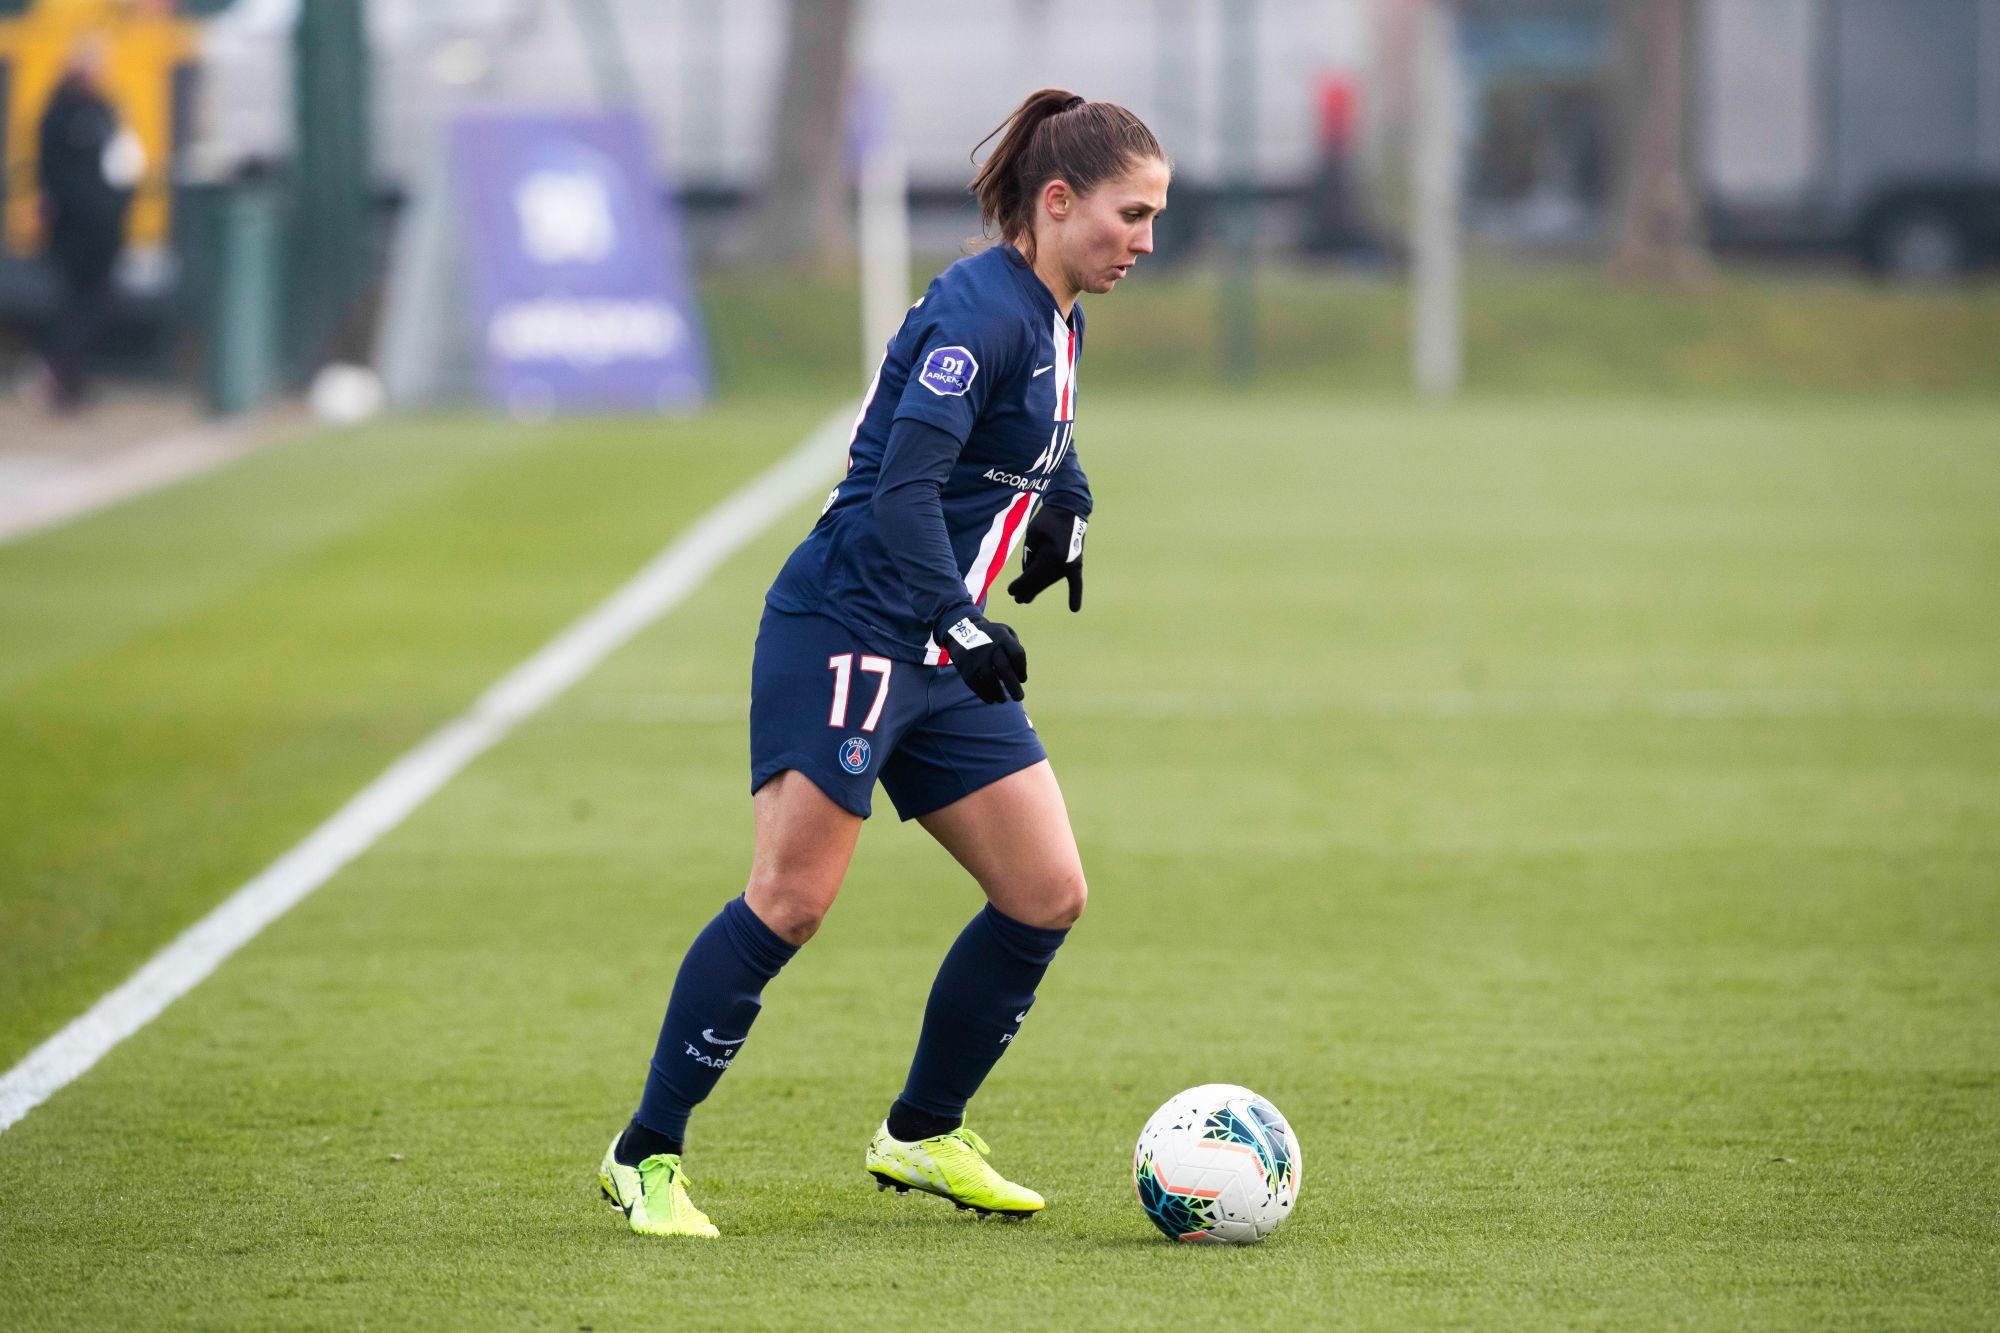 Officiel - Eve Périsset annonce son départ du PSG après «4 merveilleuses années»